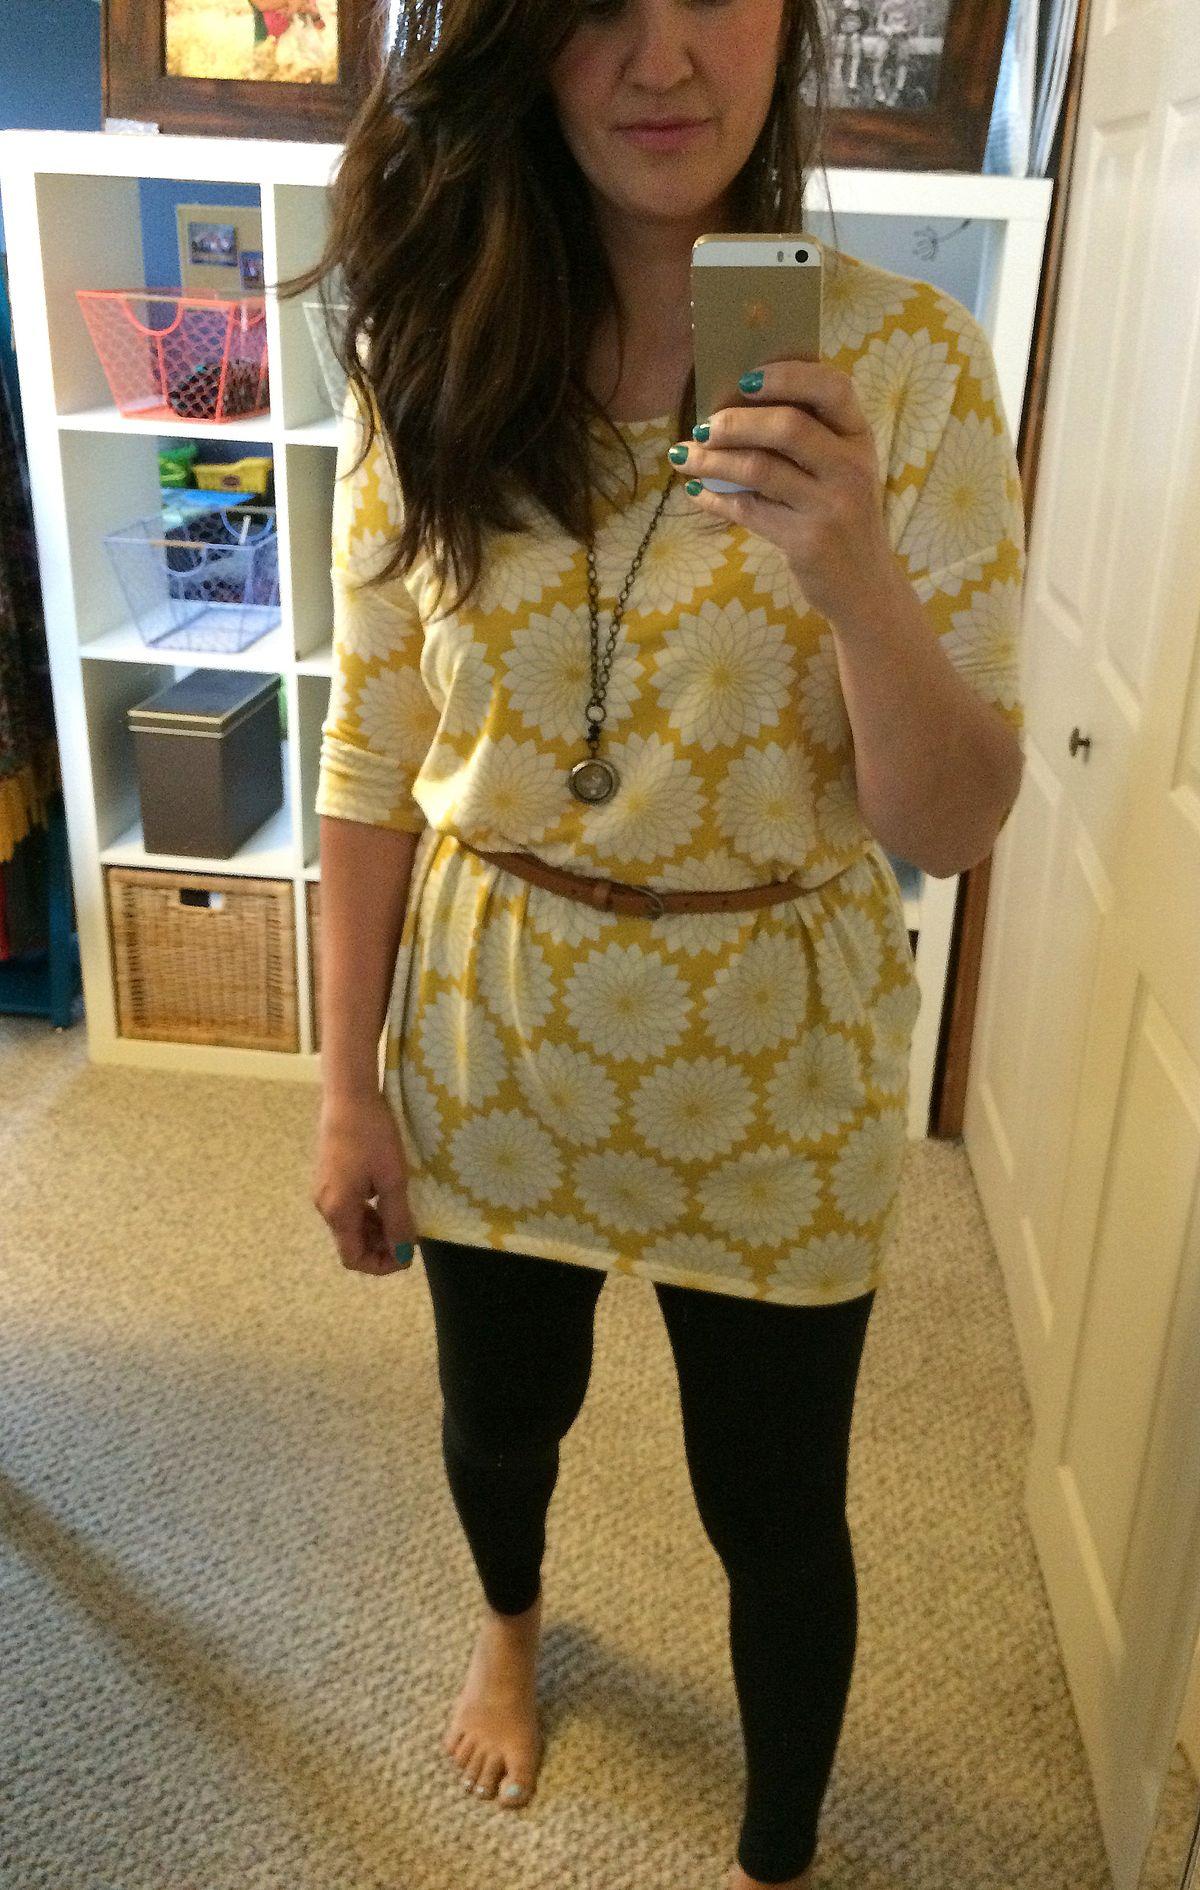 lularoe #irmatunic #leggings I wonder if I could belt my tunics...